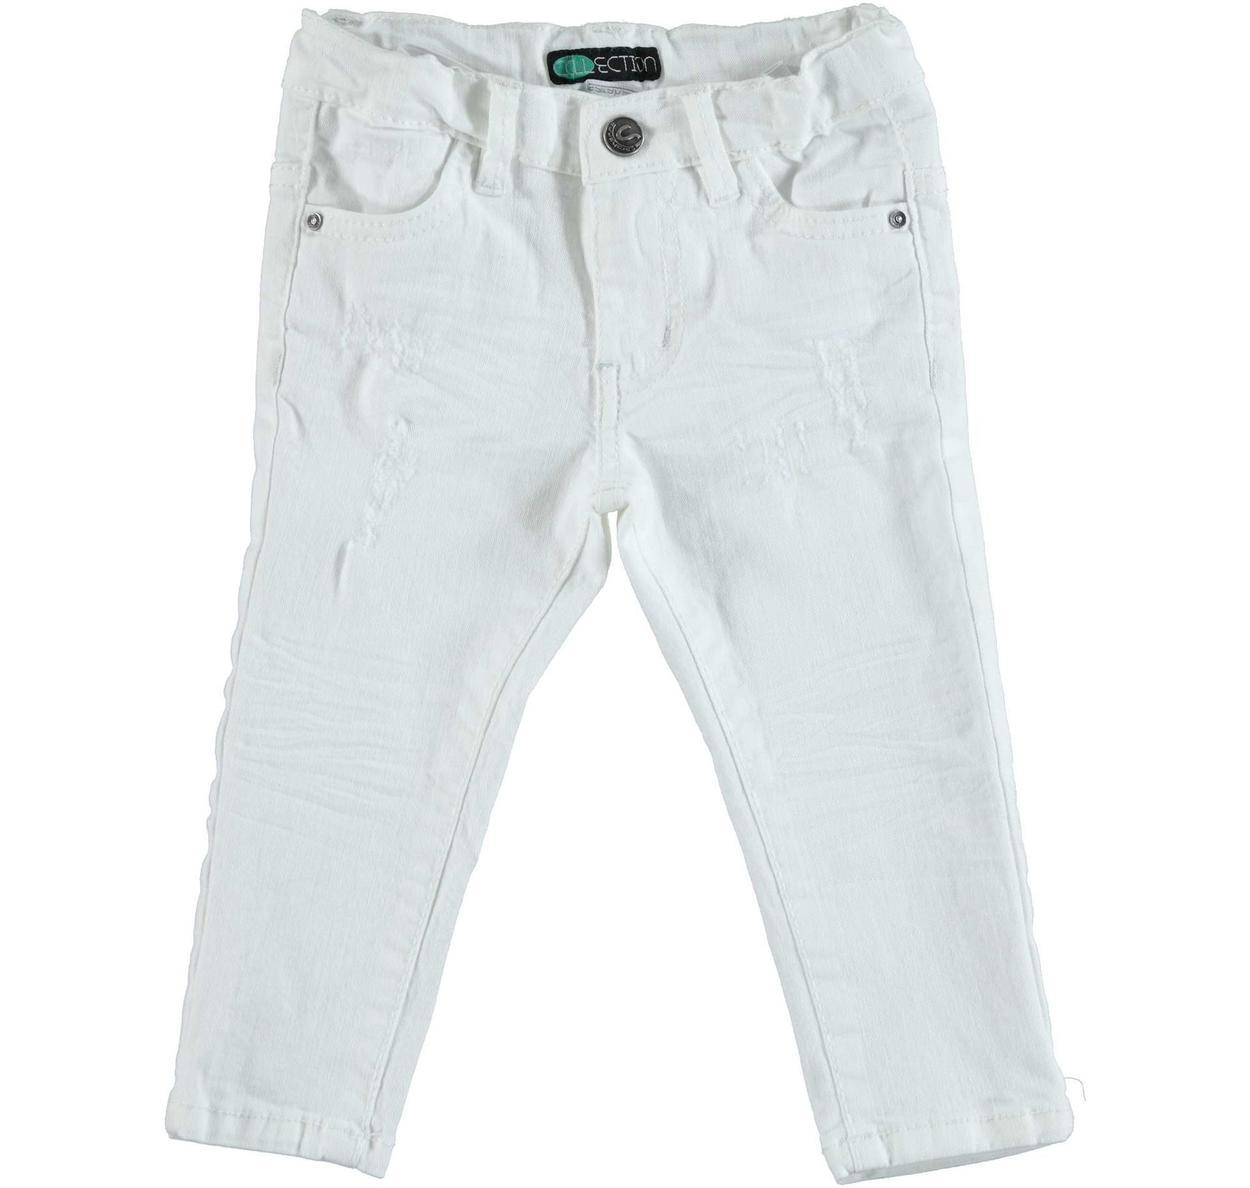 nuovo di zecca ffdc9 05a9c Pantalone slim fit in cotone stretch effetto delavato con strappi per  bambino da 6 mesi a 7 anni Sarabanda